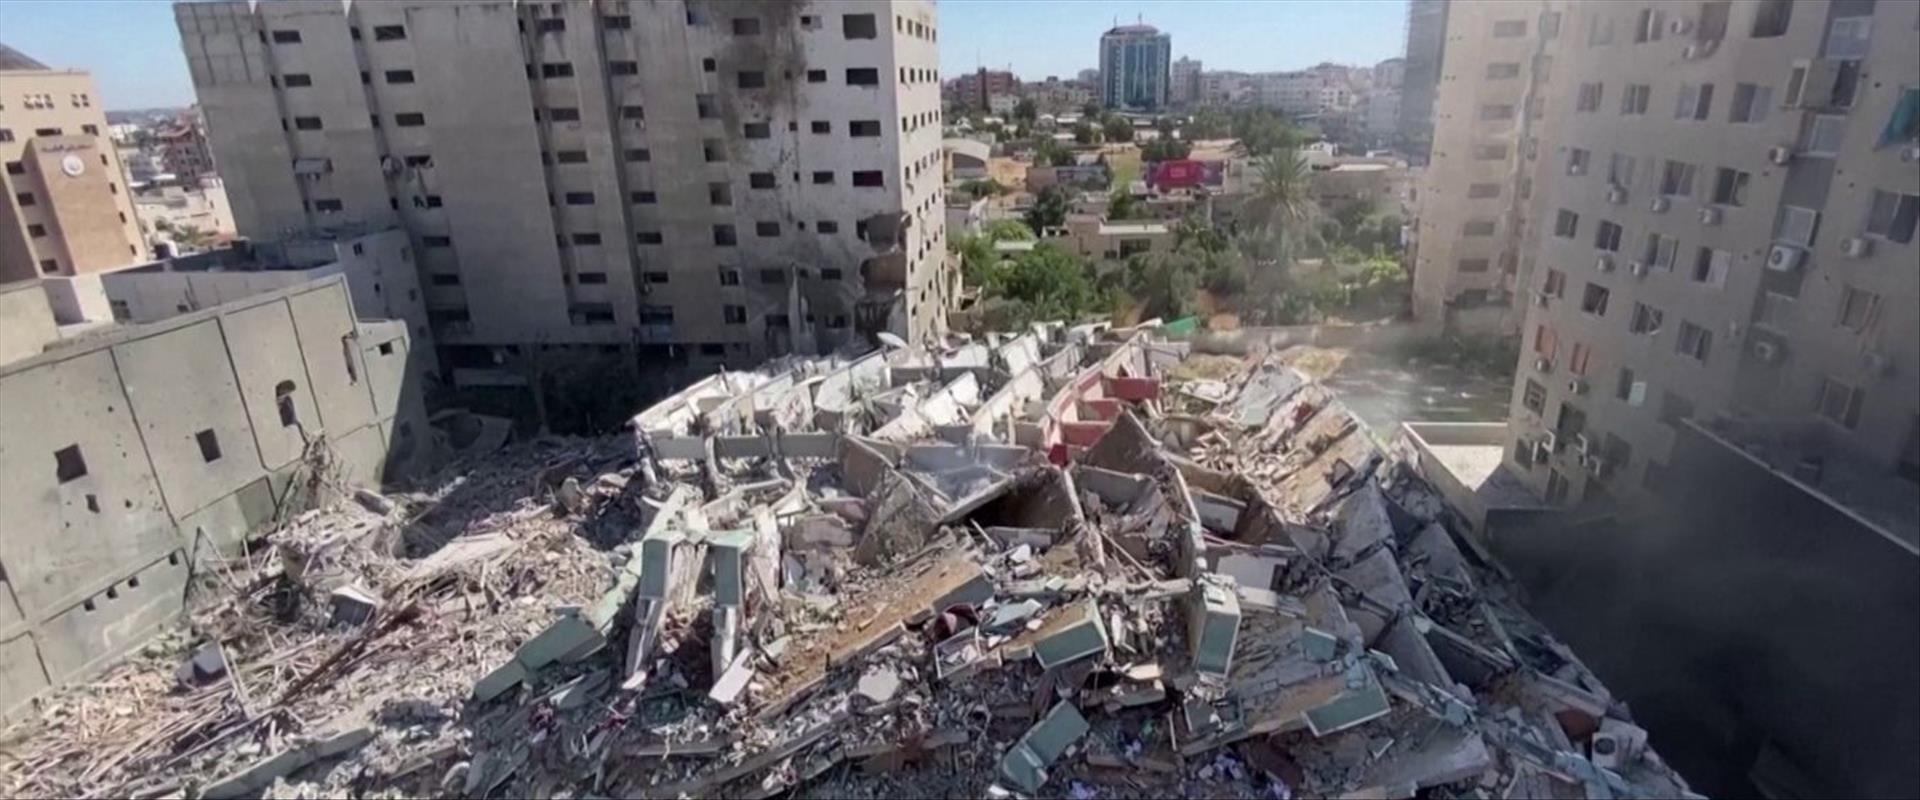 """בניין התקשורת בעזה שצה""""ל תקף"""